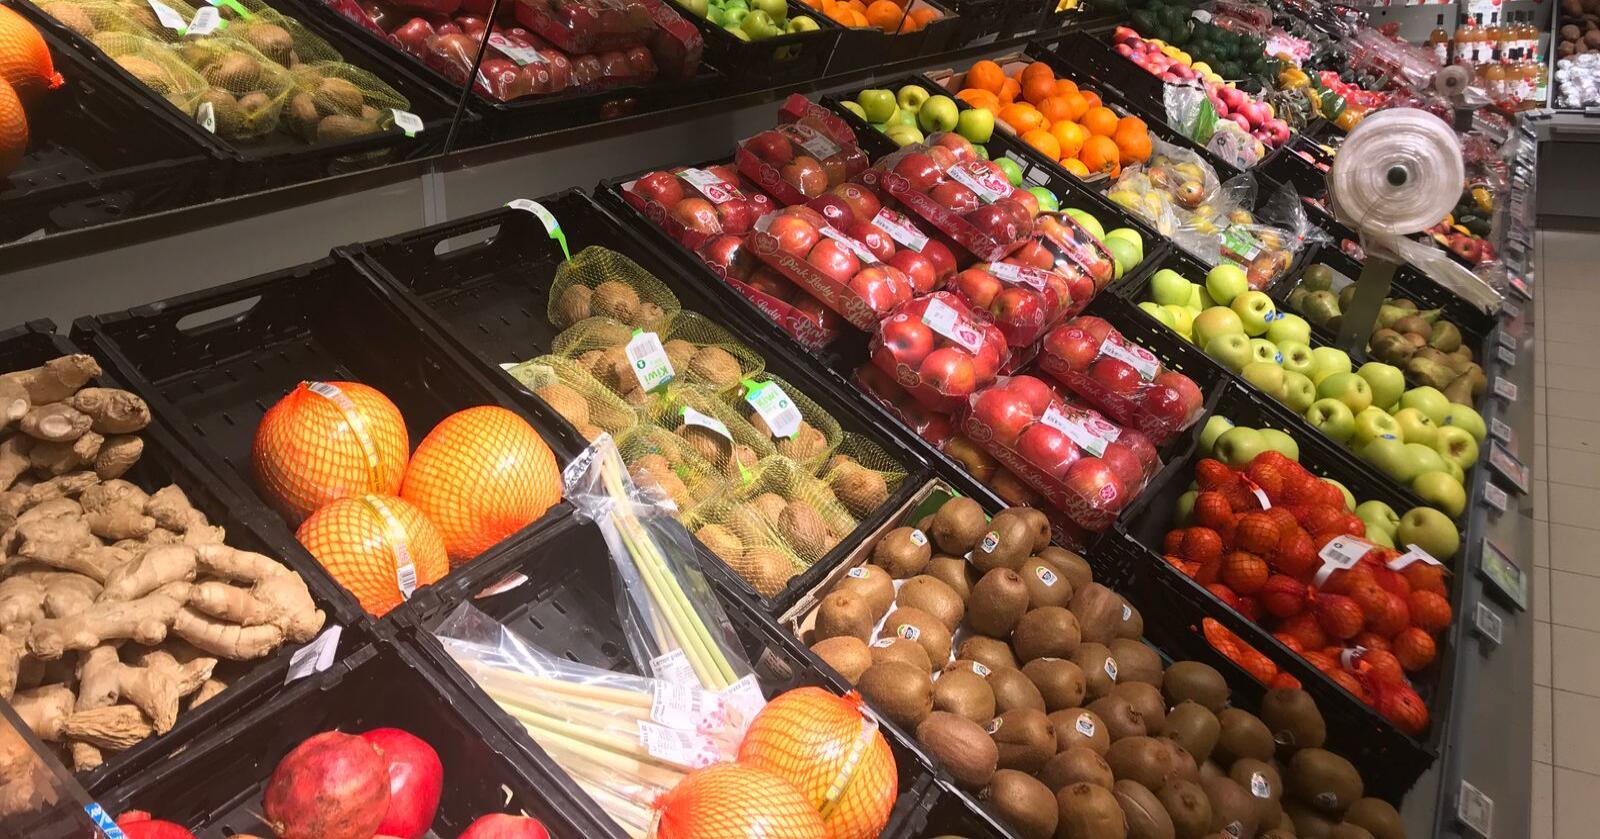 Også matvarebransjen kan bli hardt rammet av kollapsen i kronekursen under koronakrisen. Coop forventer å se kraftige prisøkninger på særlig frukt og grønt-varer. Foto: Iver Gamme